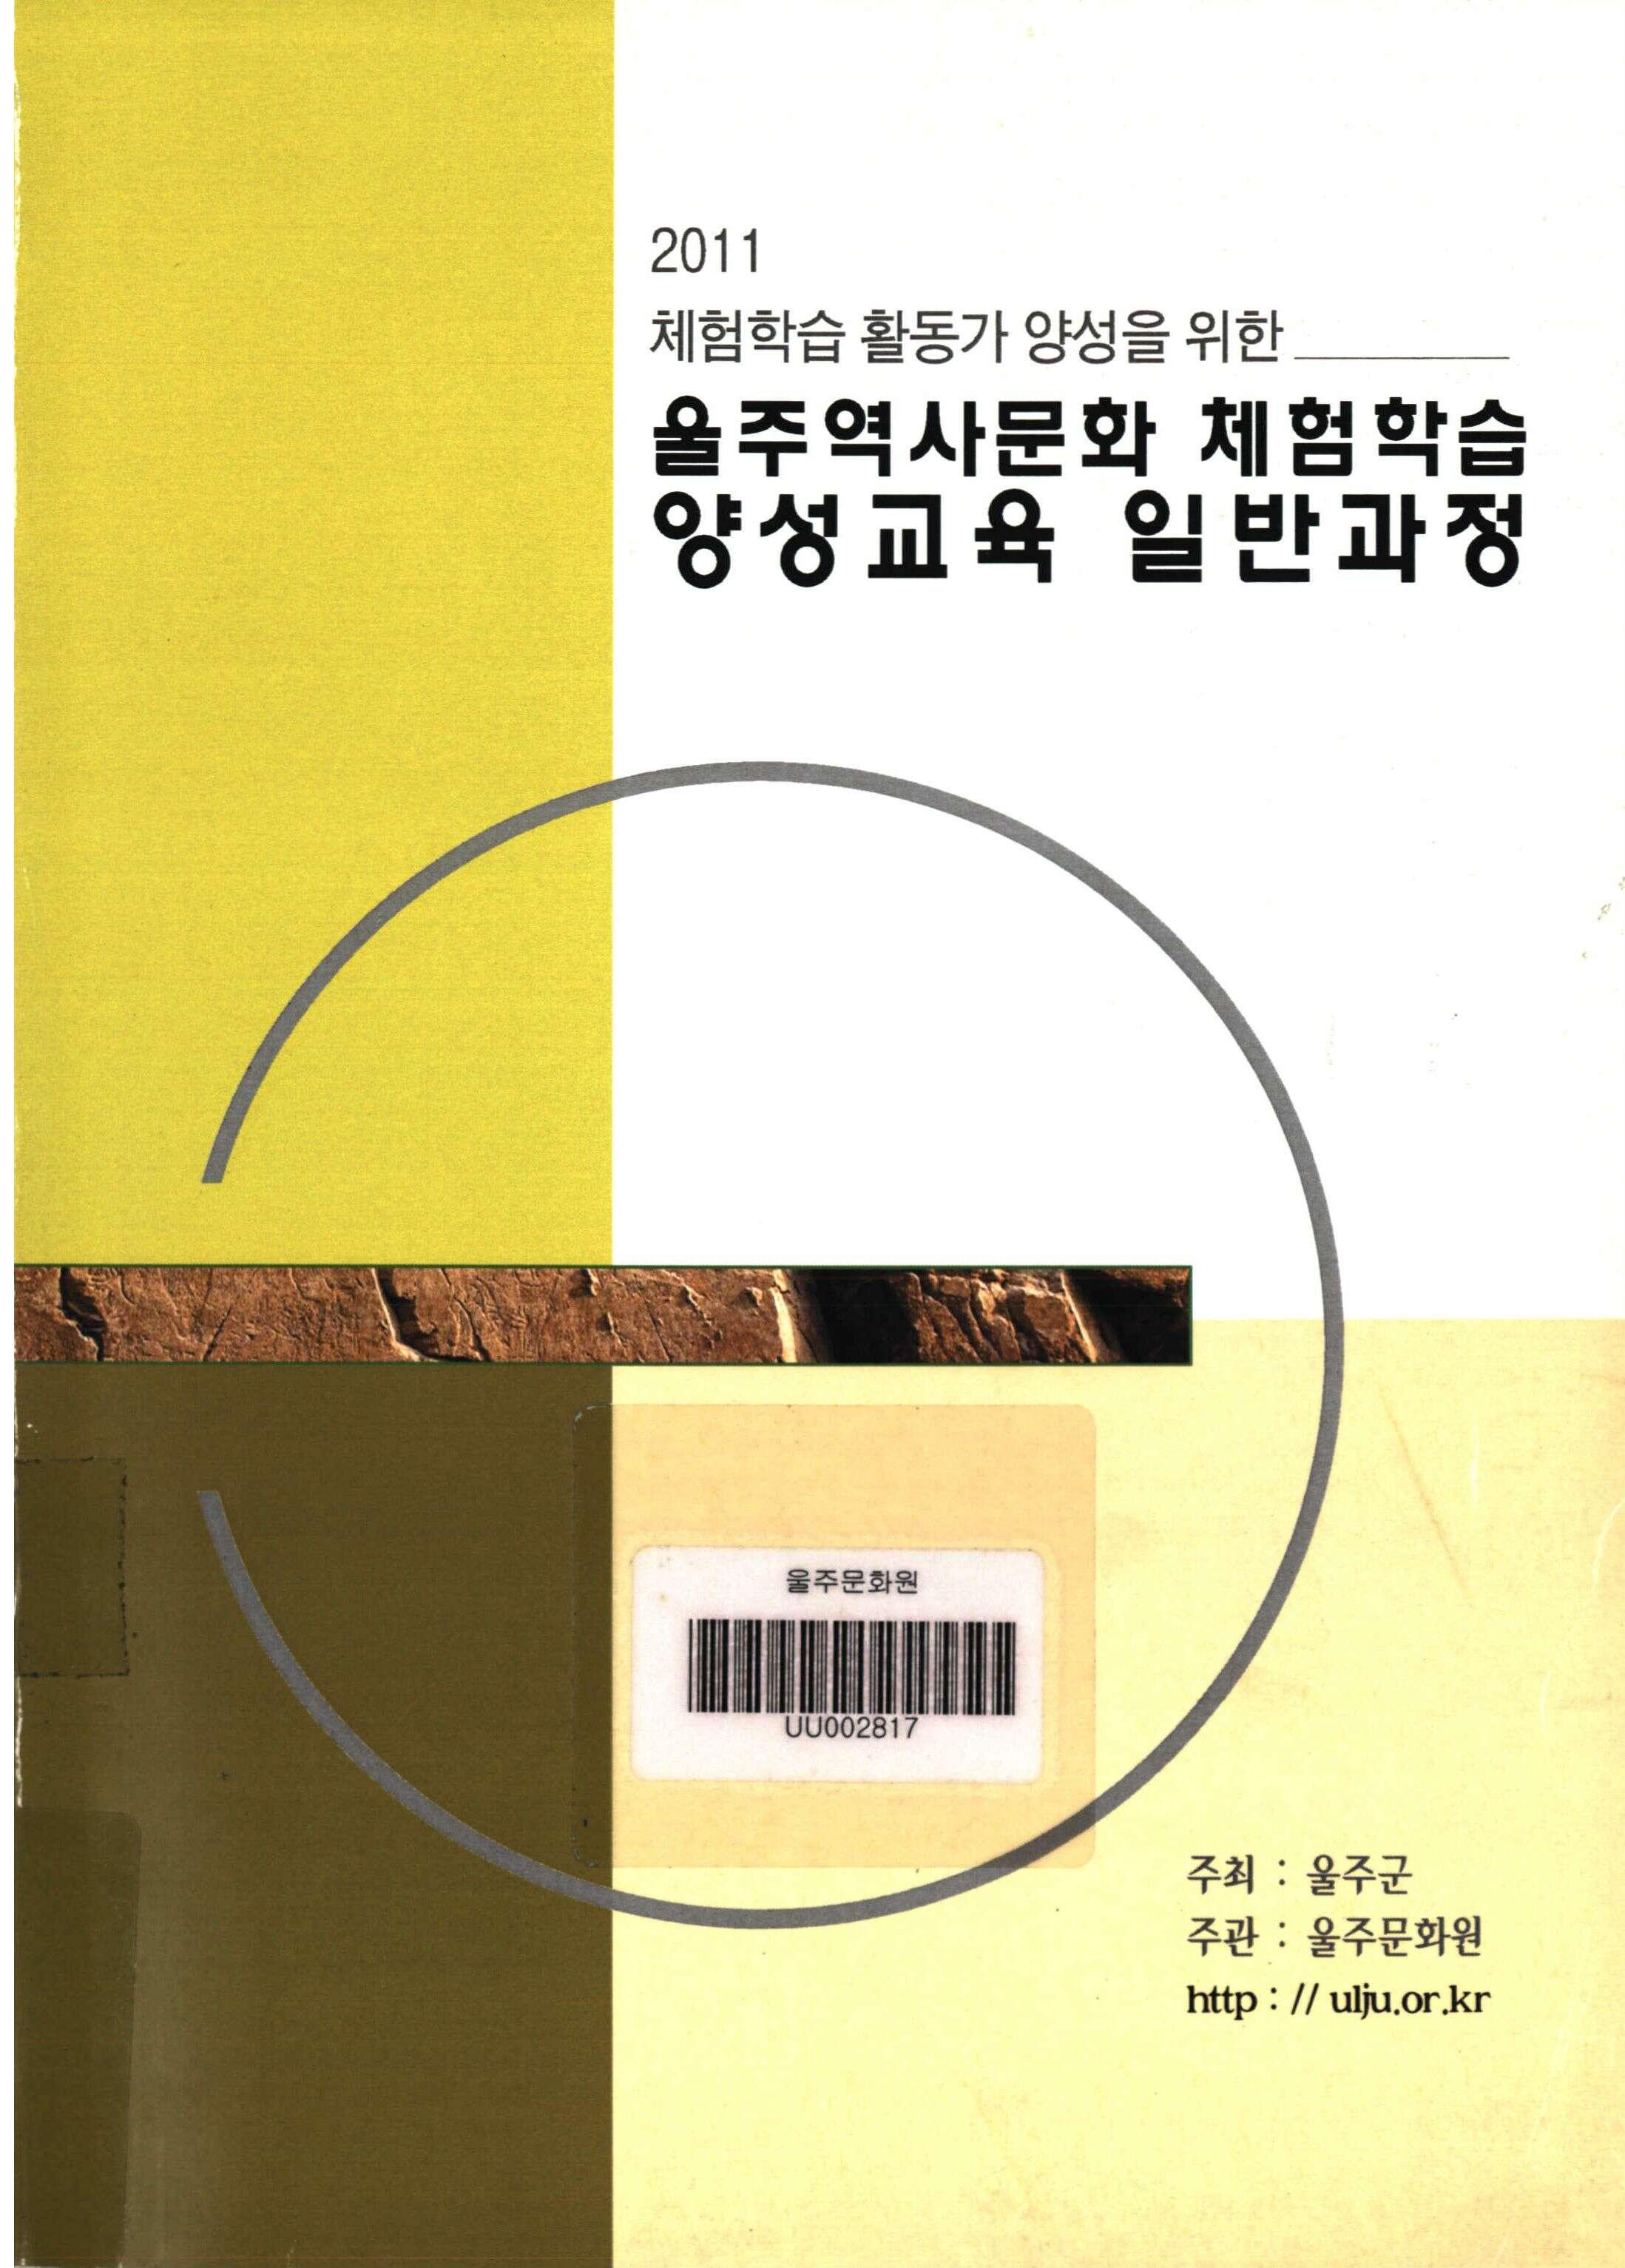 (2011 체험학습 활동가 양성을 위한) 울주역사문화 체험학습 양성교육 일반과정